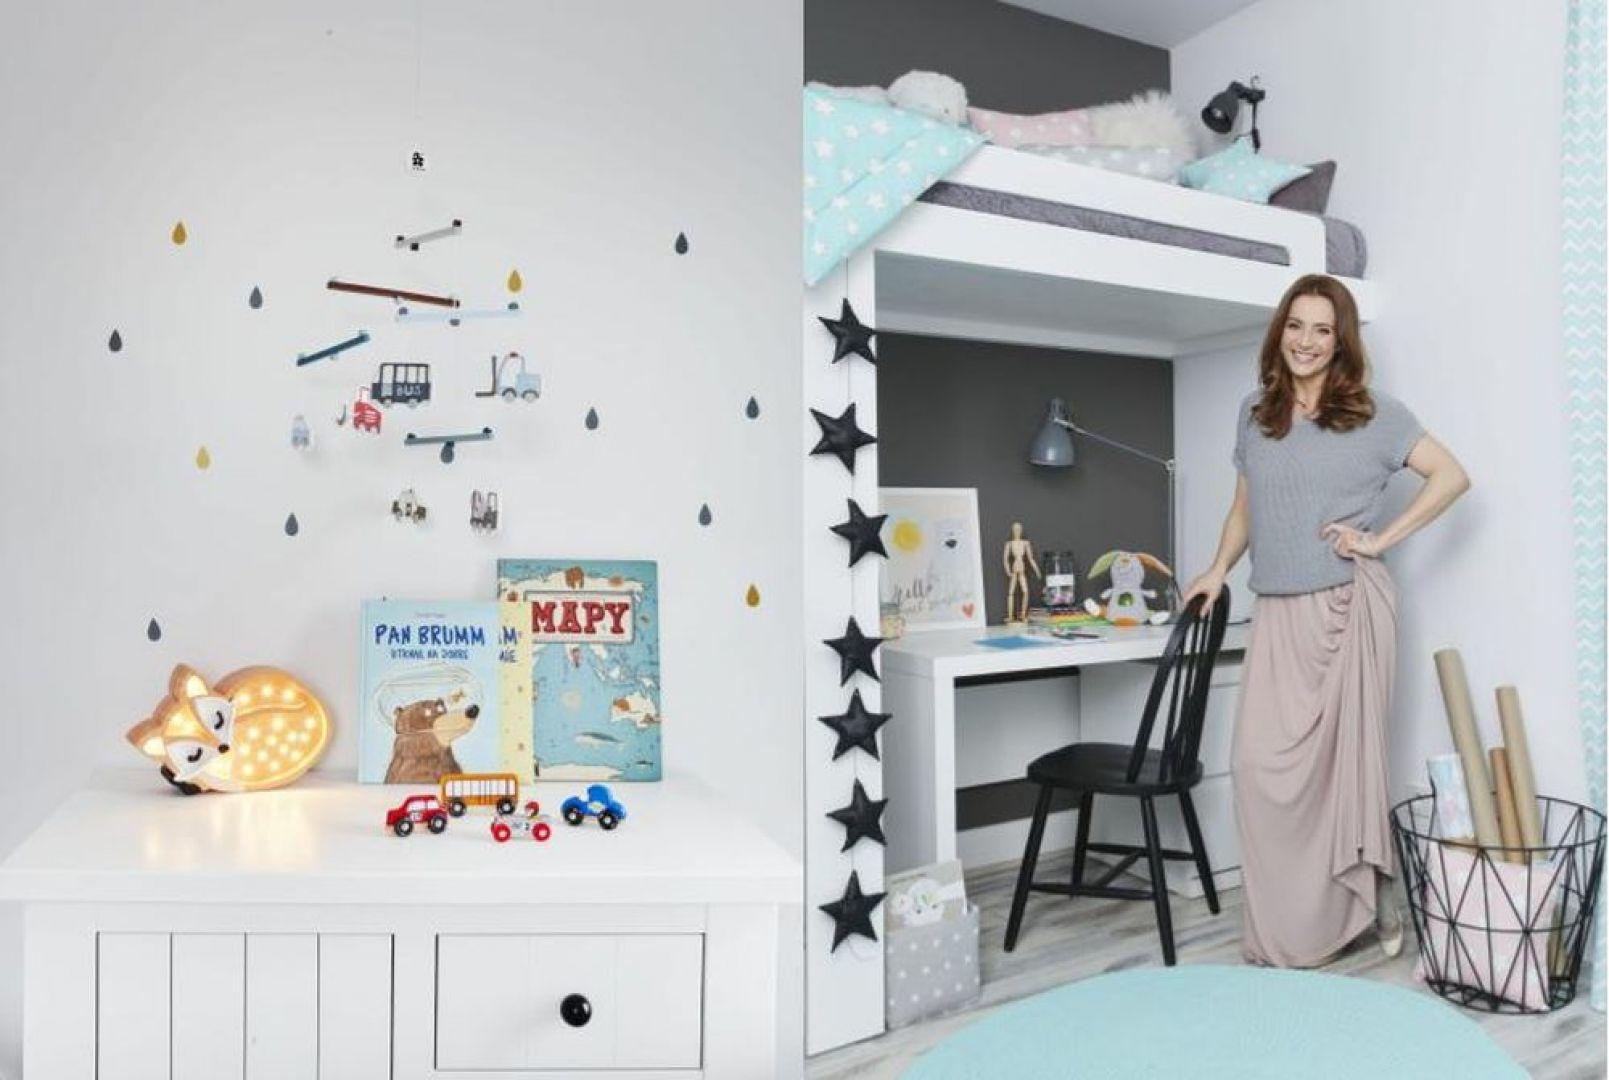 Anna Dereszowska do pokoi swoich dzieci wybrała jasne, stonowane kolory i meble w bieli. To stworzyło pole do śmiałych, kolorowych dodatków. Fot. Celestyna Król